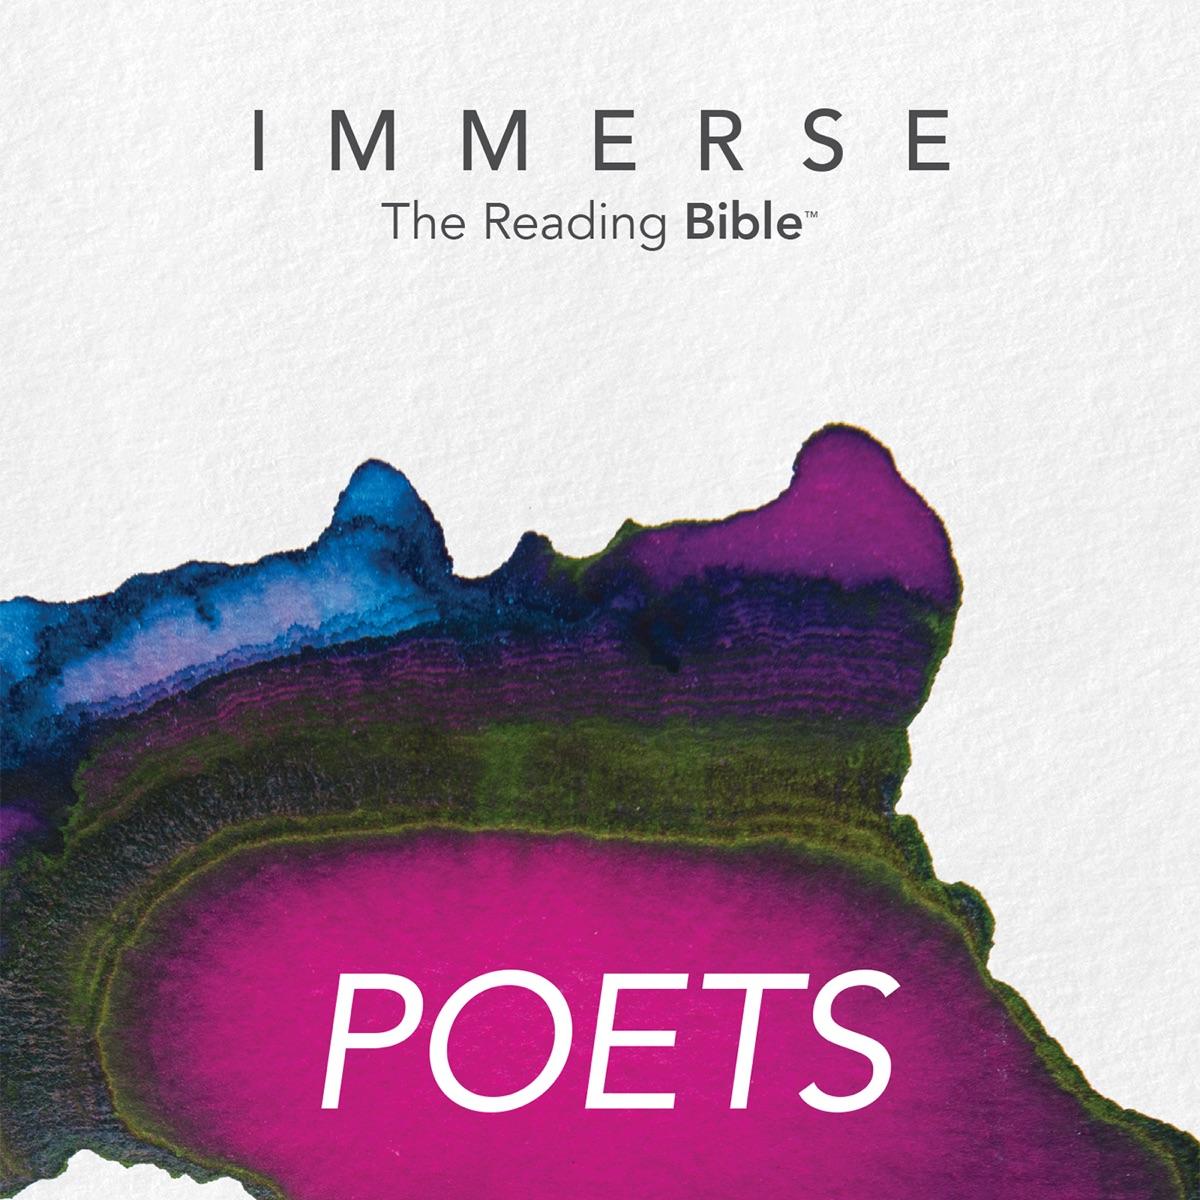 Immerse: Poets – 16 Week Reading Plan